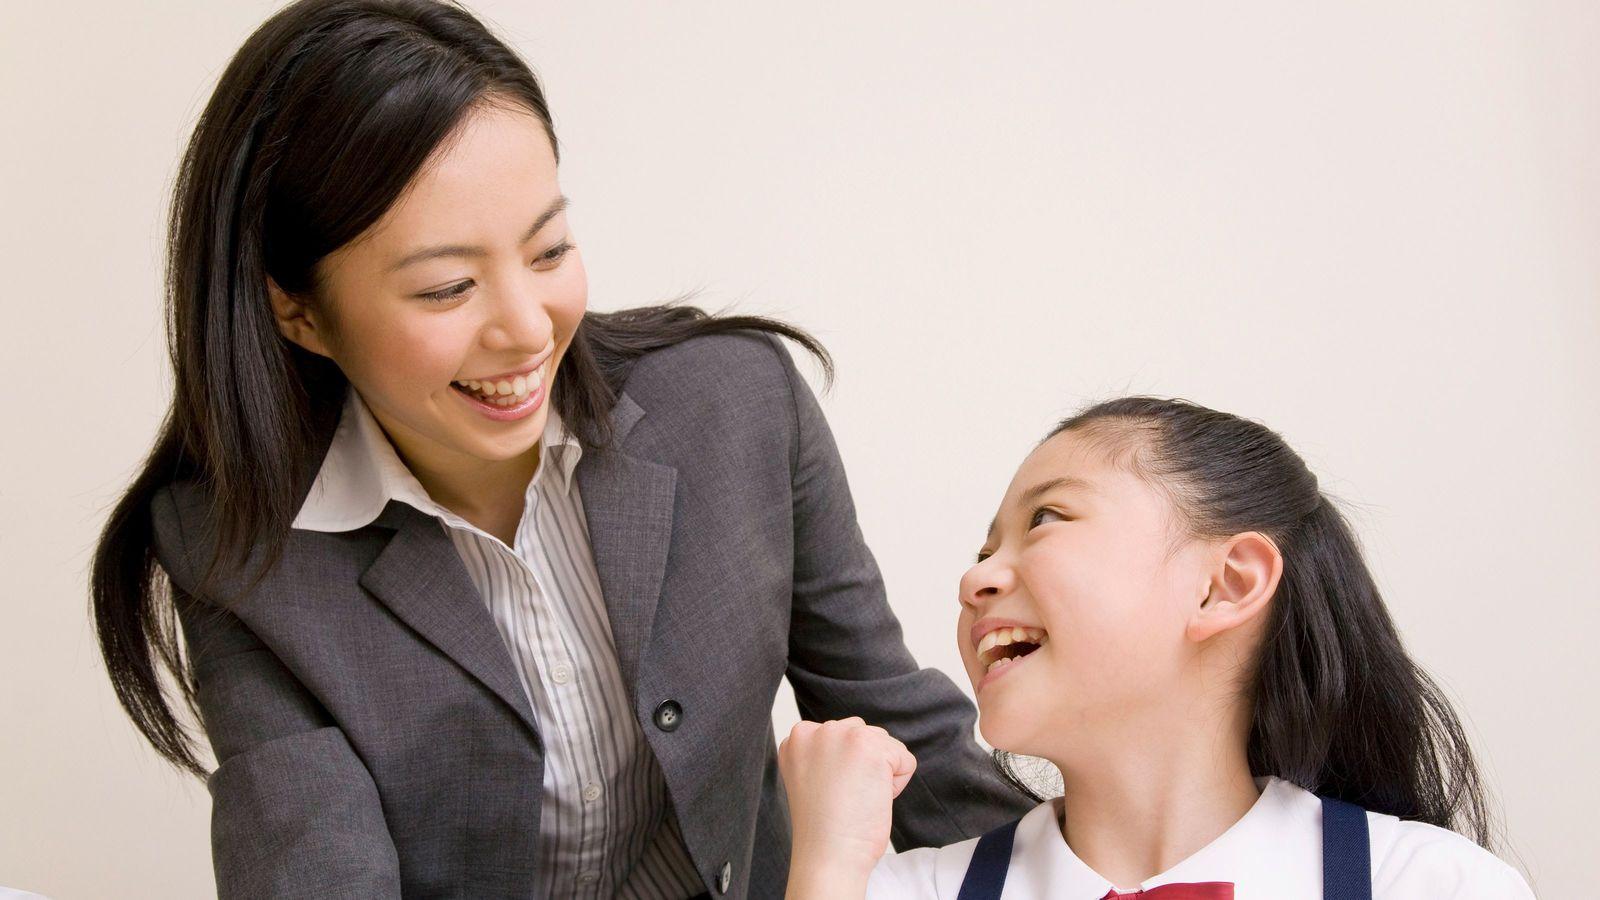 塾より家庭教師が効く子供を見きわめる「ひと言」 体験授業5回は覚悟したほうがいい